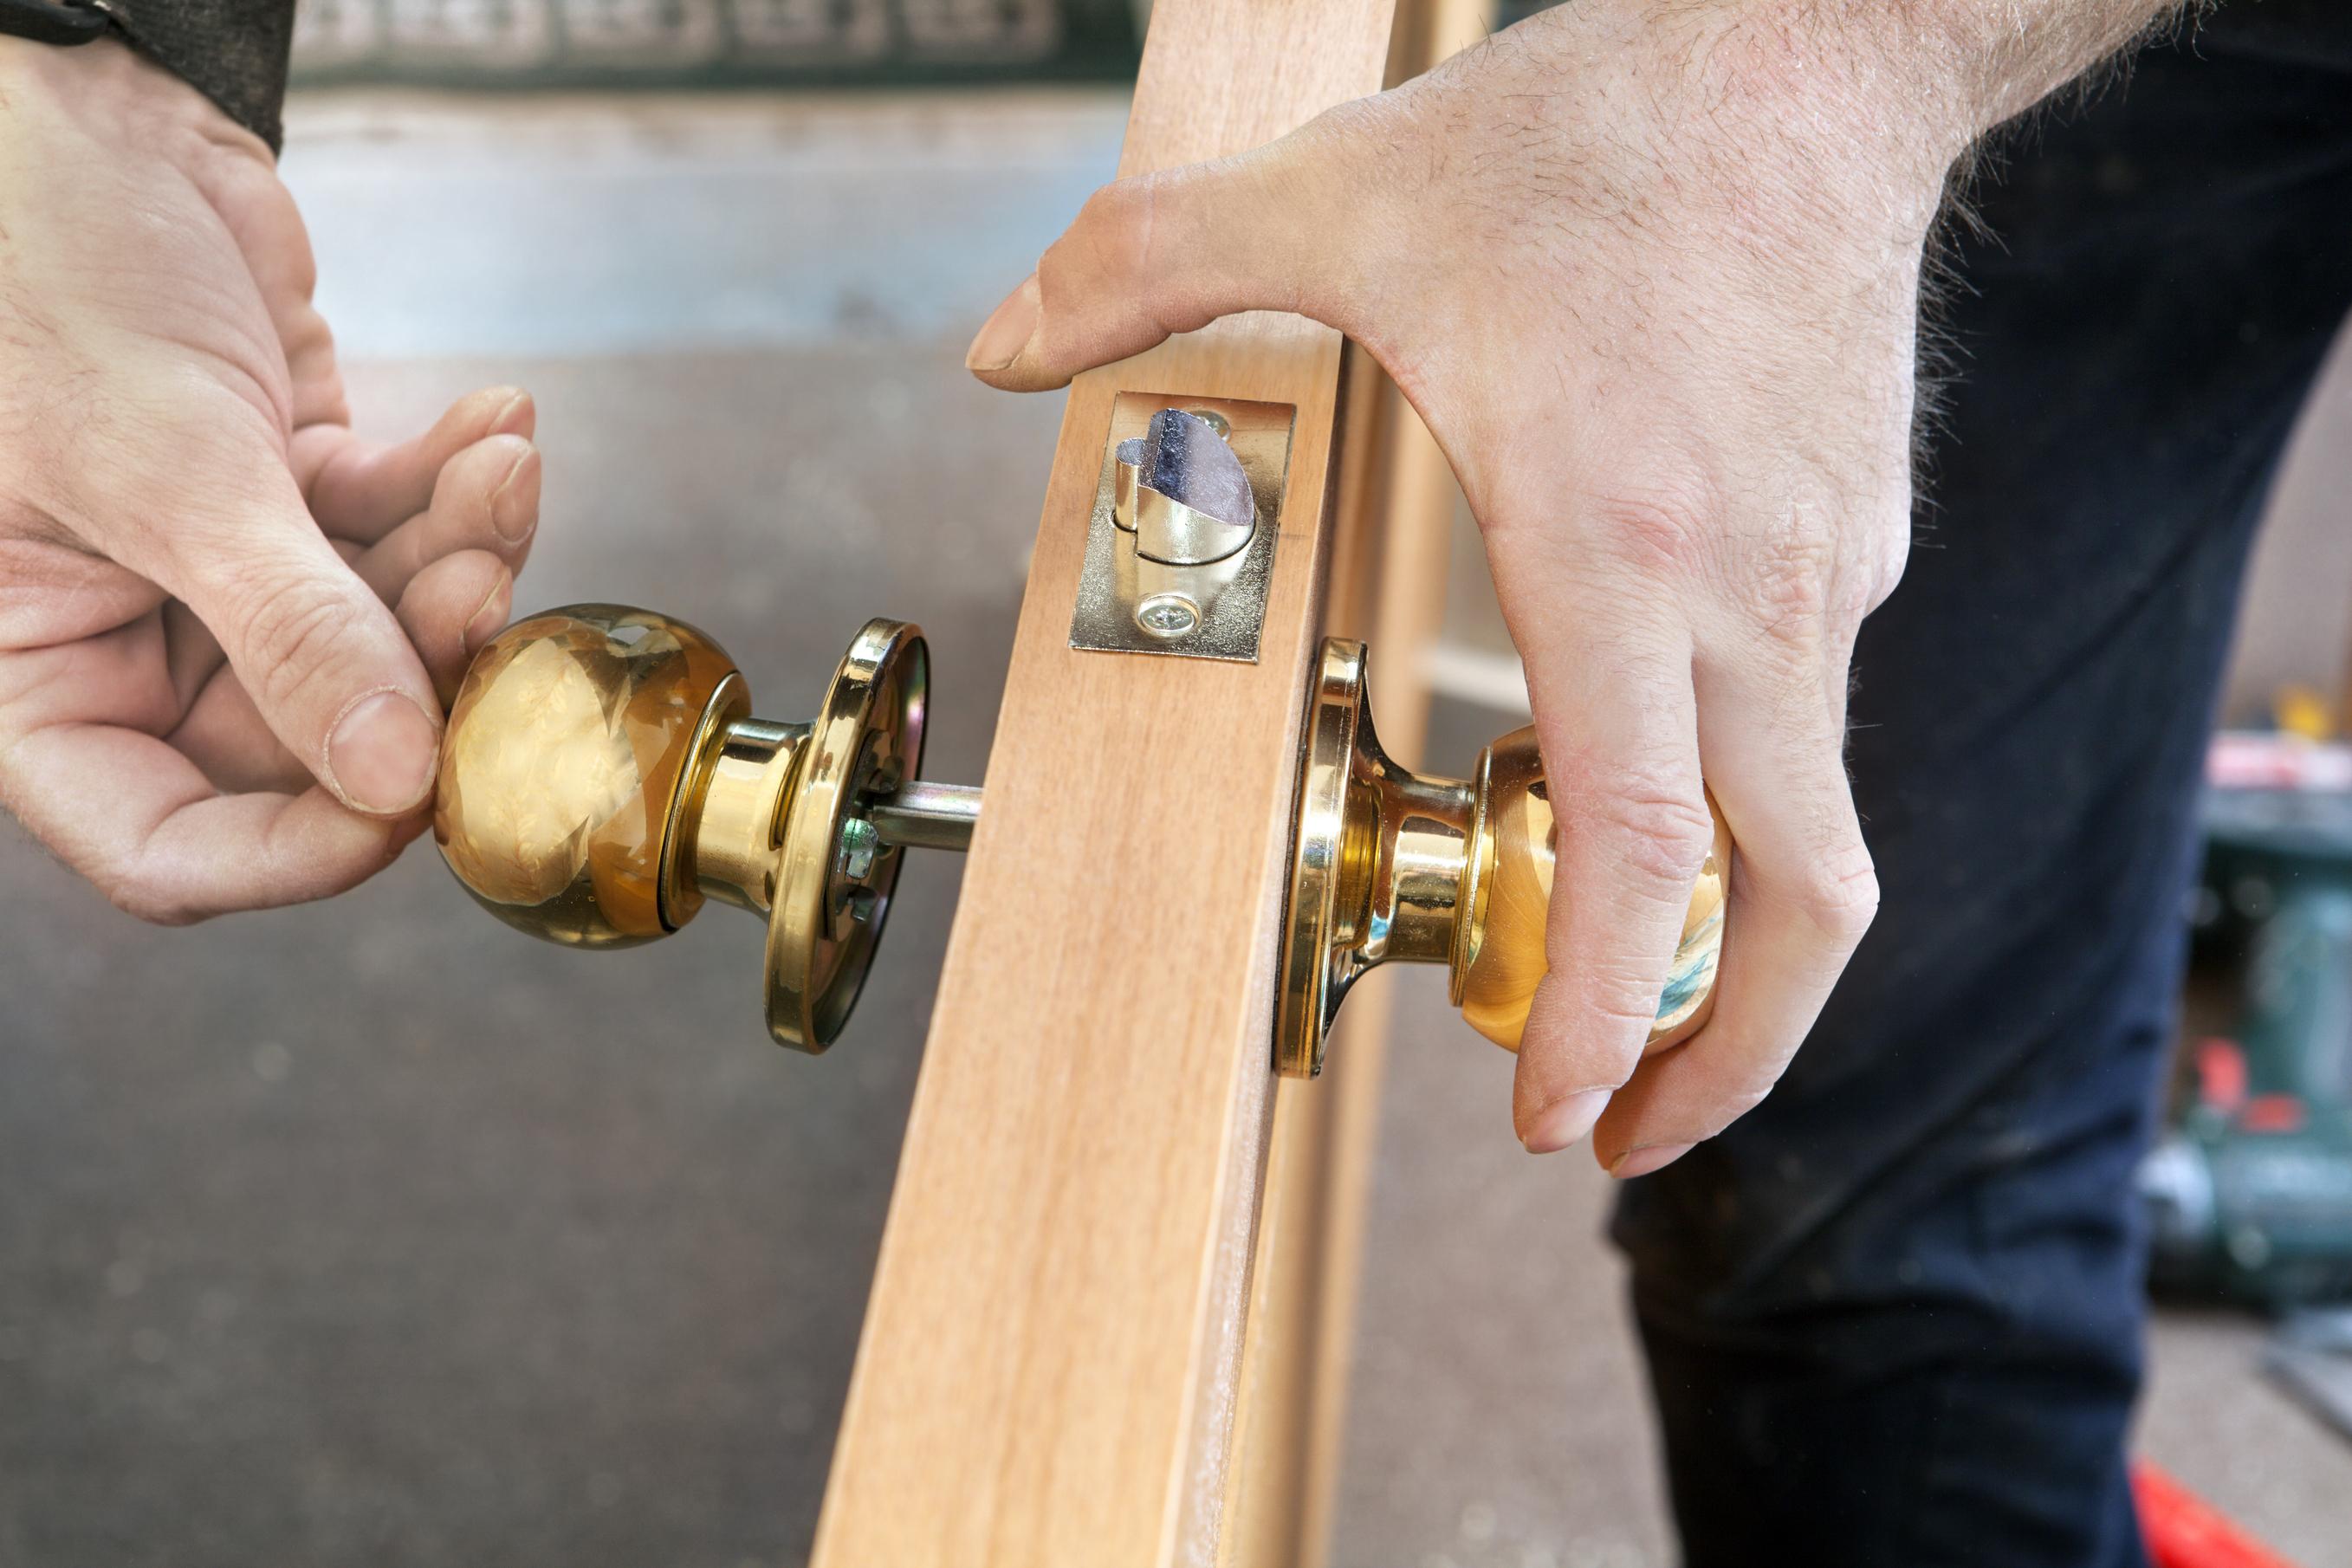 Installing New Locks on a Standard Interior Door